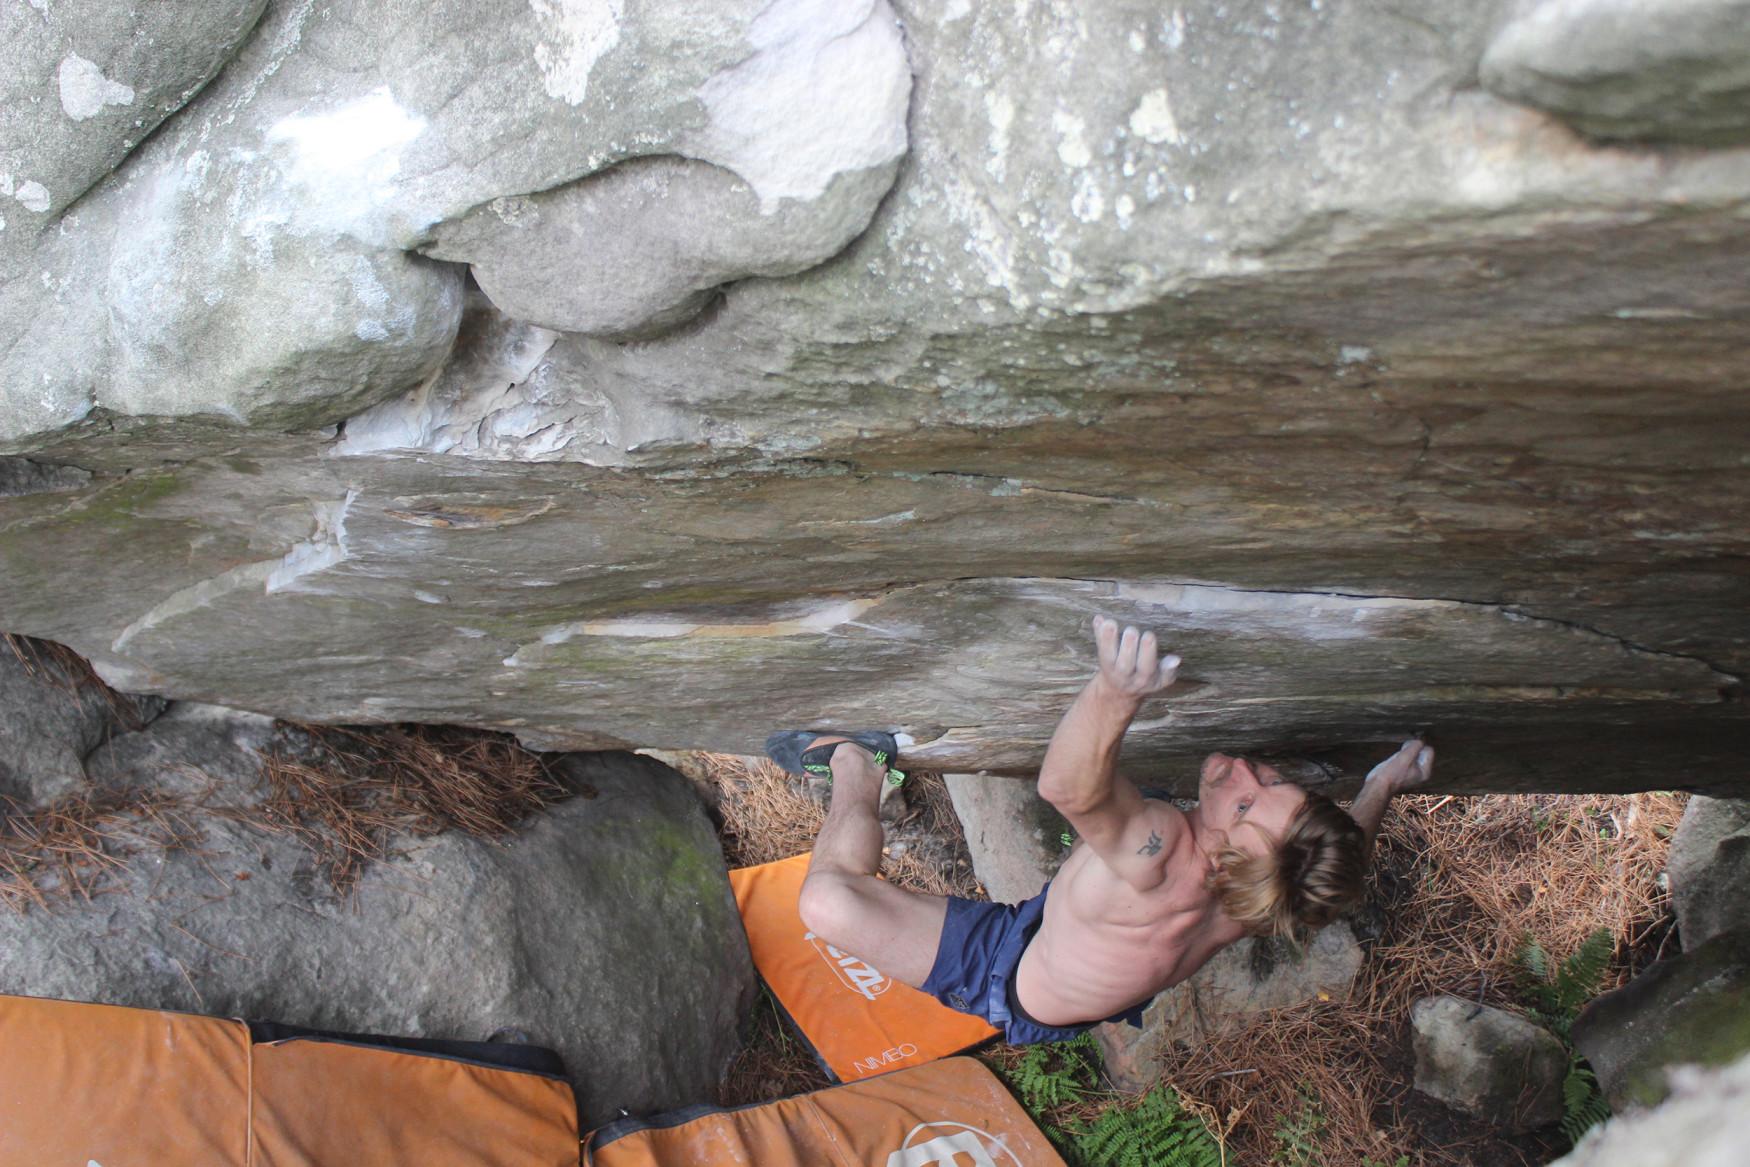 Soms zijn het de kleine en lichte dingen die het leven beter maken. Dat geldt ook voor de ROCKET. Want deze klimschoen met monovelcro ondersteunt klimmers met passie. Met de Vibram® XS-Grip®-zool is krachtoverbrenging leuk, omdat die optimaal wordt gebruikt. Bovendien is het flexibele microvezelmateriaal heerlijk aangenaam aan de voet – het voegt zich bijna als een tweede huid om de voet van de drager. De beste voorwaarden voor prestaties bij het boulderen in de hal of bij het klimmen op rotsen.